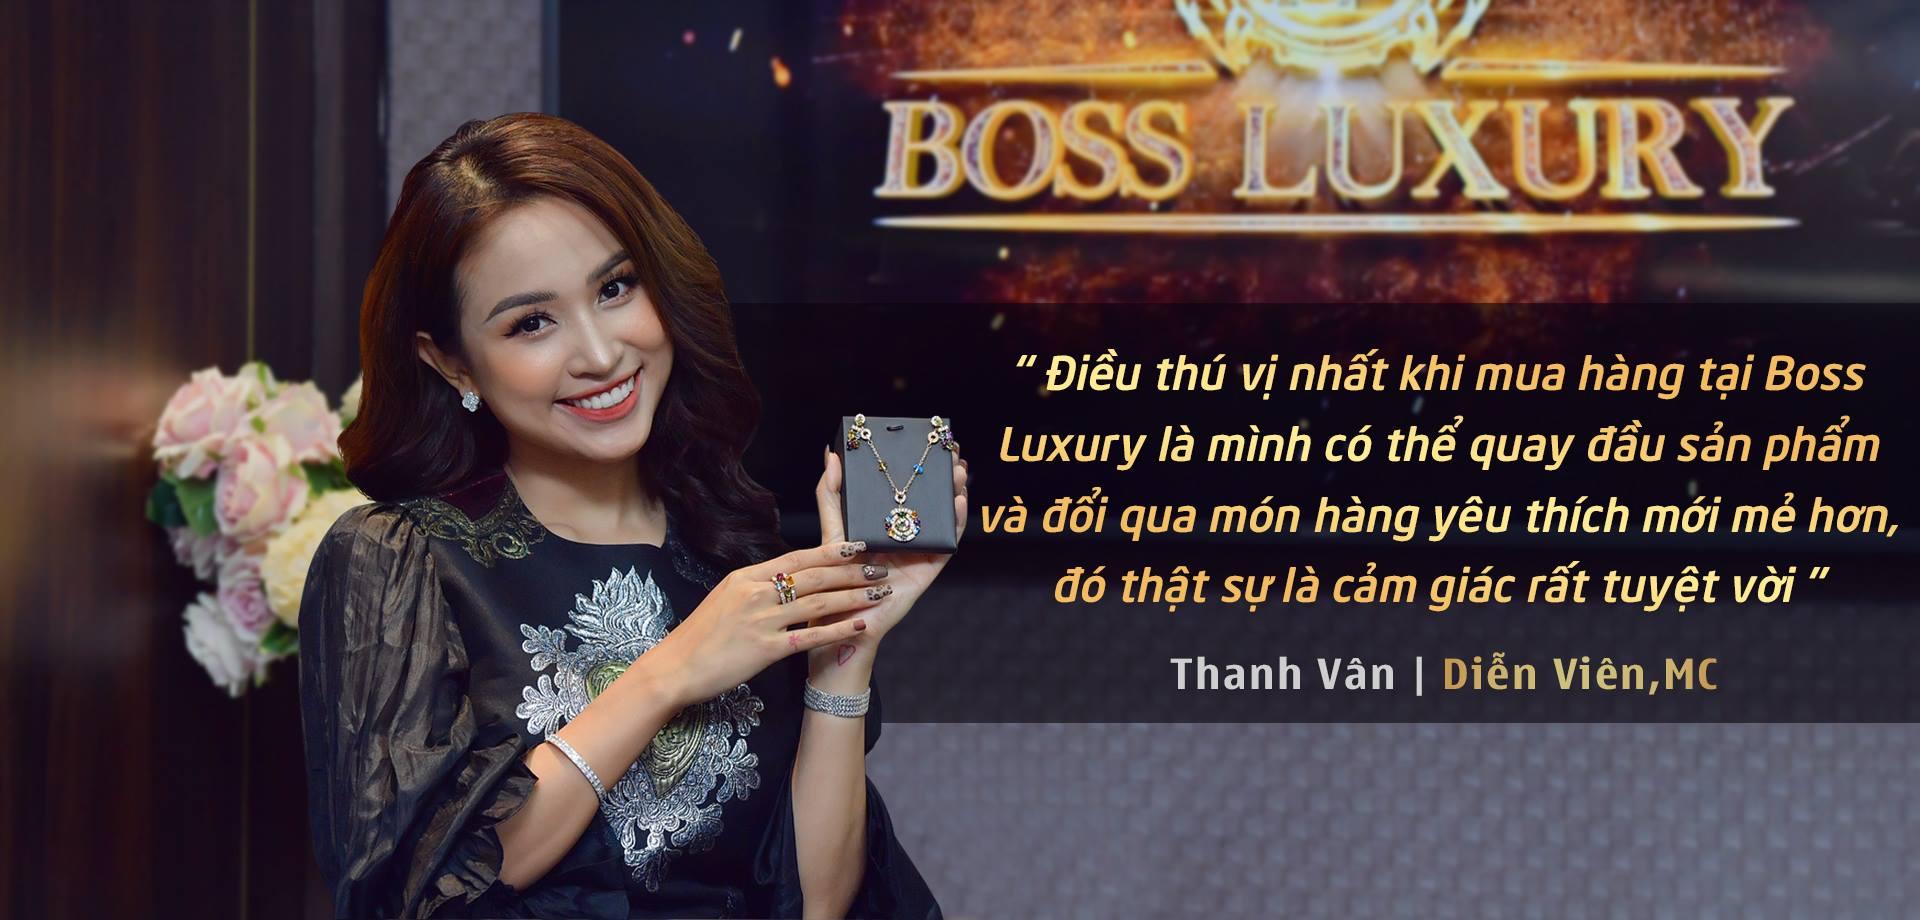 Boss Luxury có uy tín hay không? 4